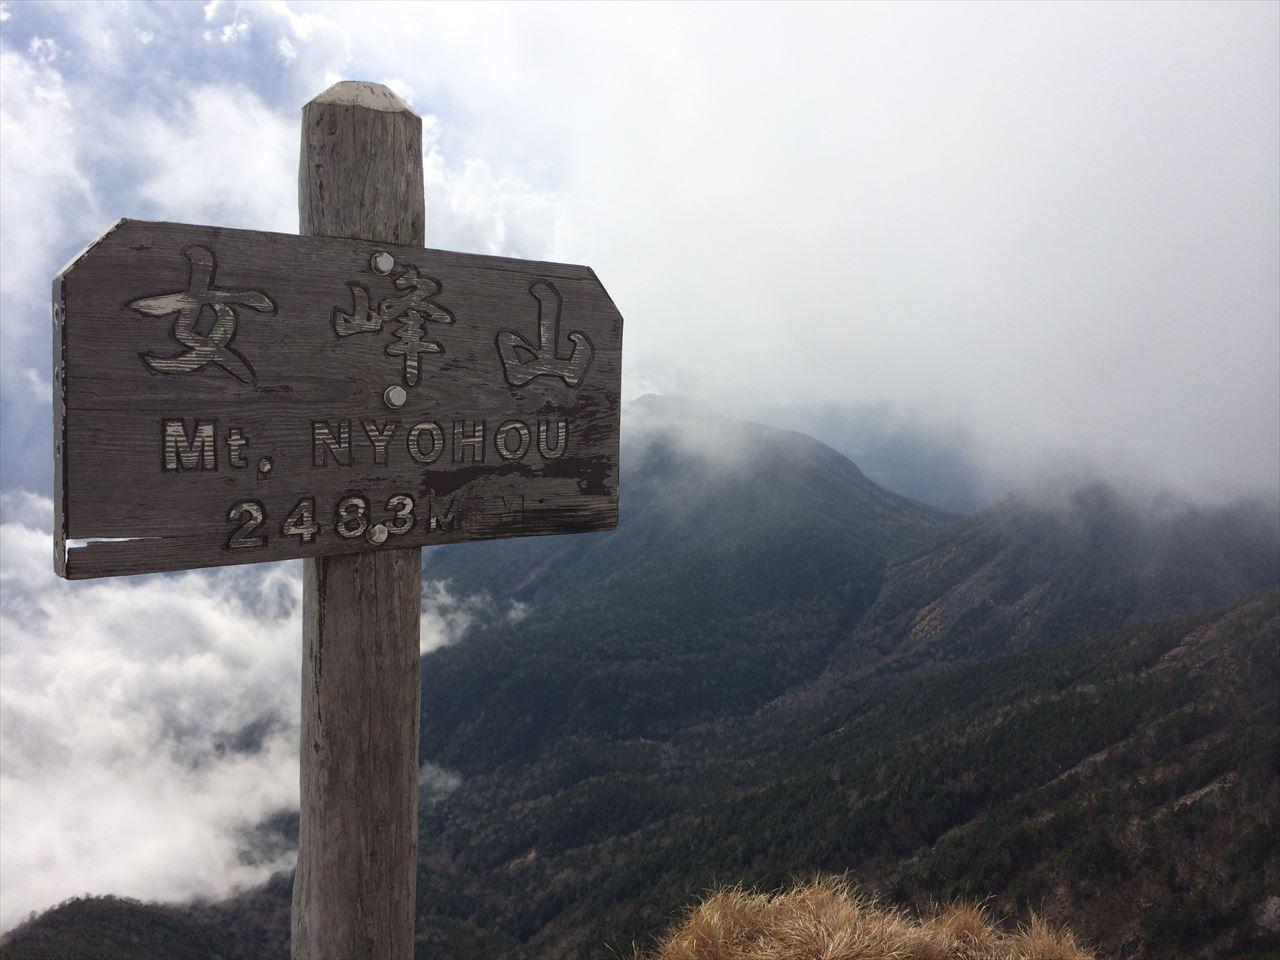 女峰山 登山 山装う日光の秋  明浄なる紅葉の世界(2015.10.18)